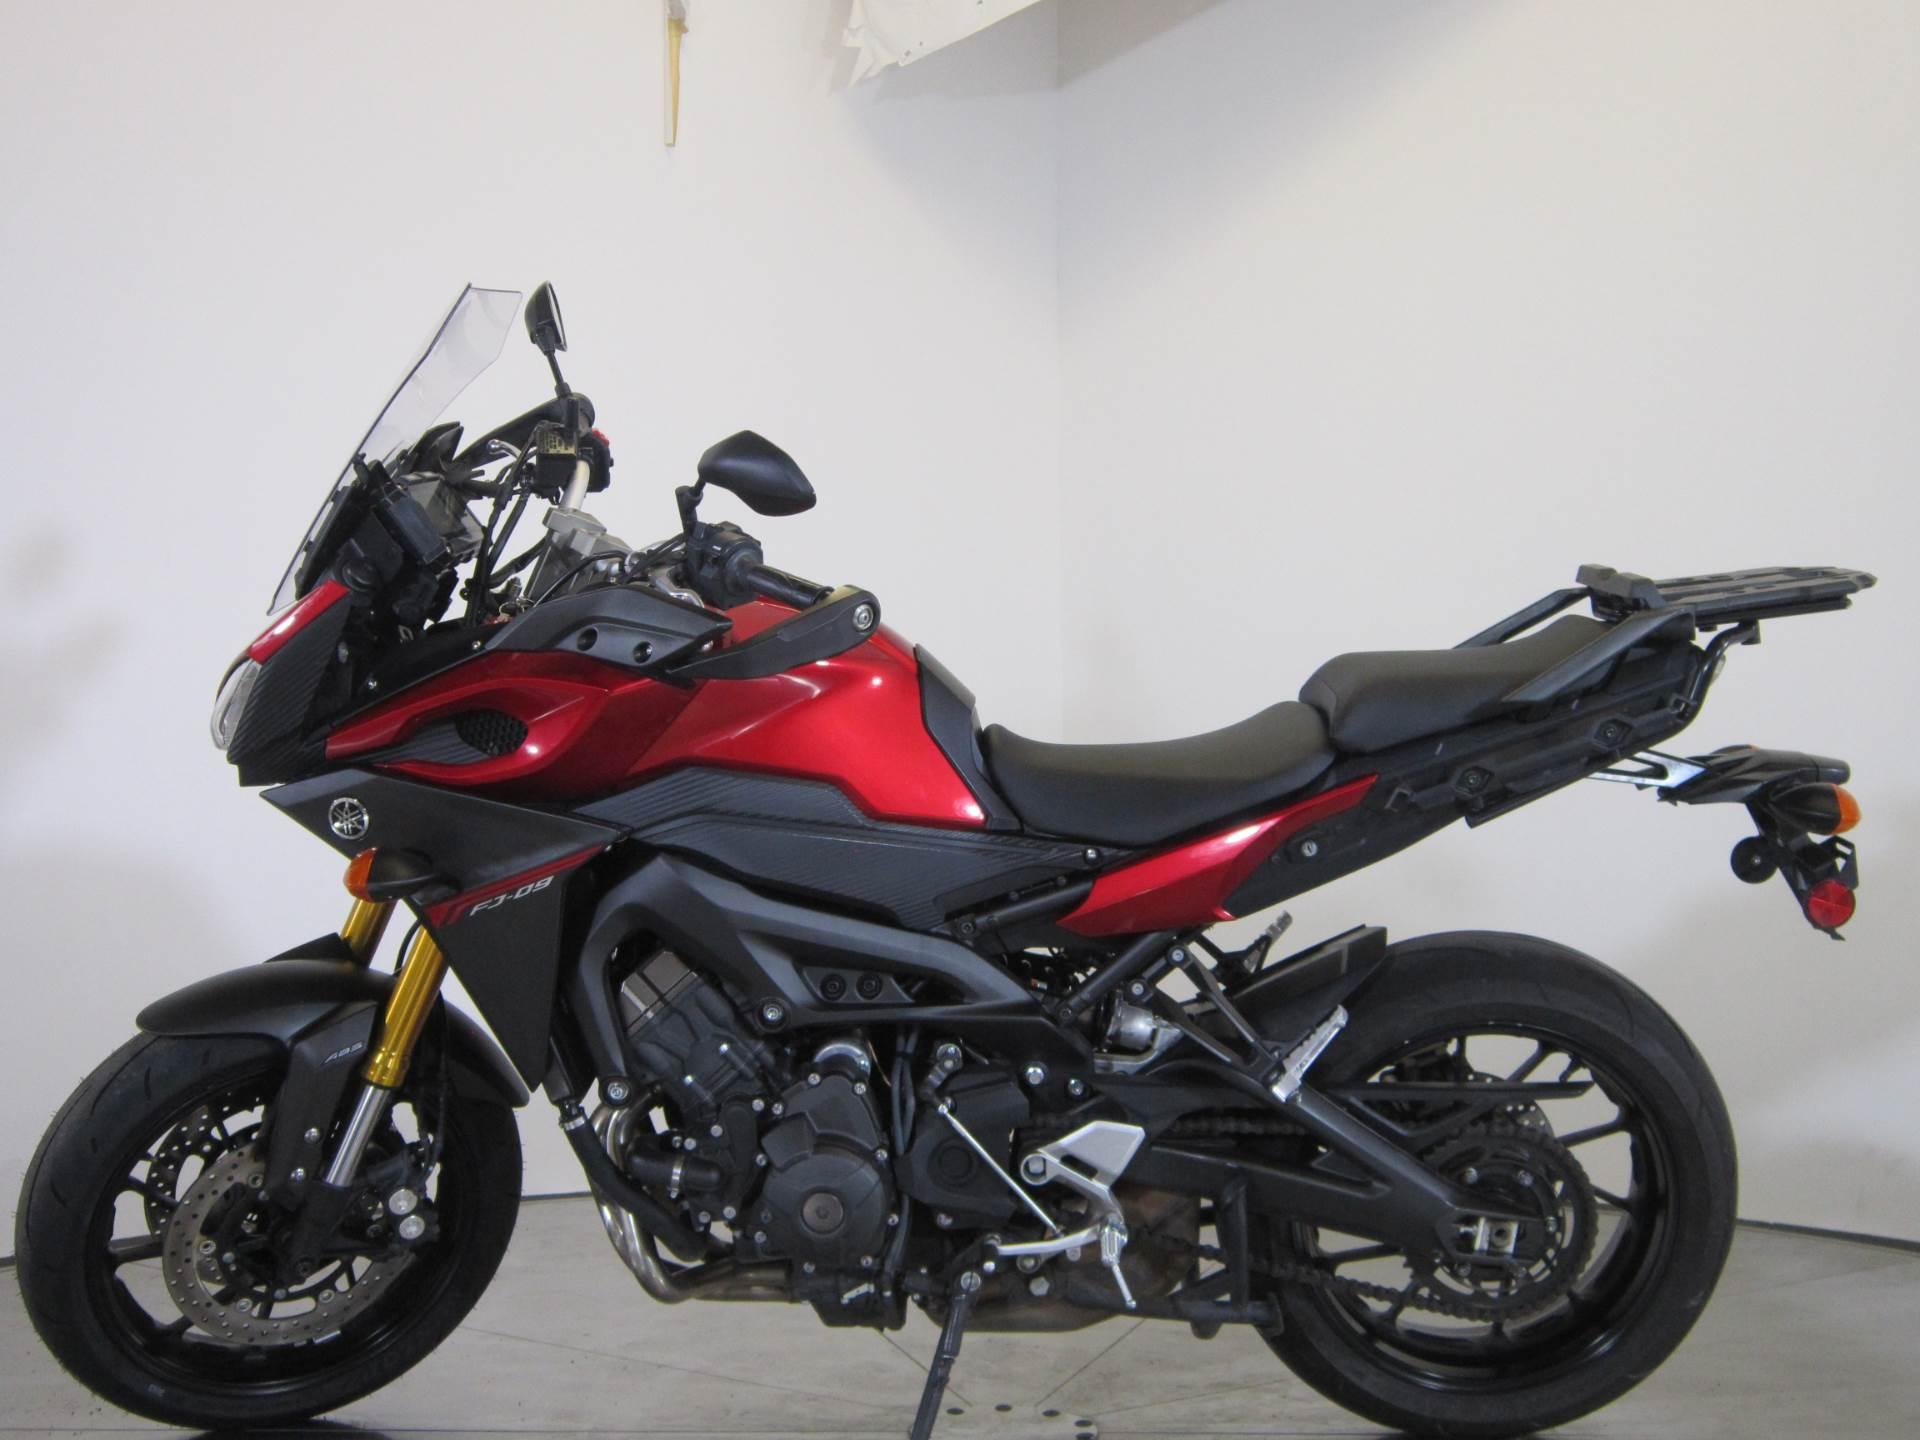 2015 Yamaha FJ-09 4